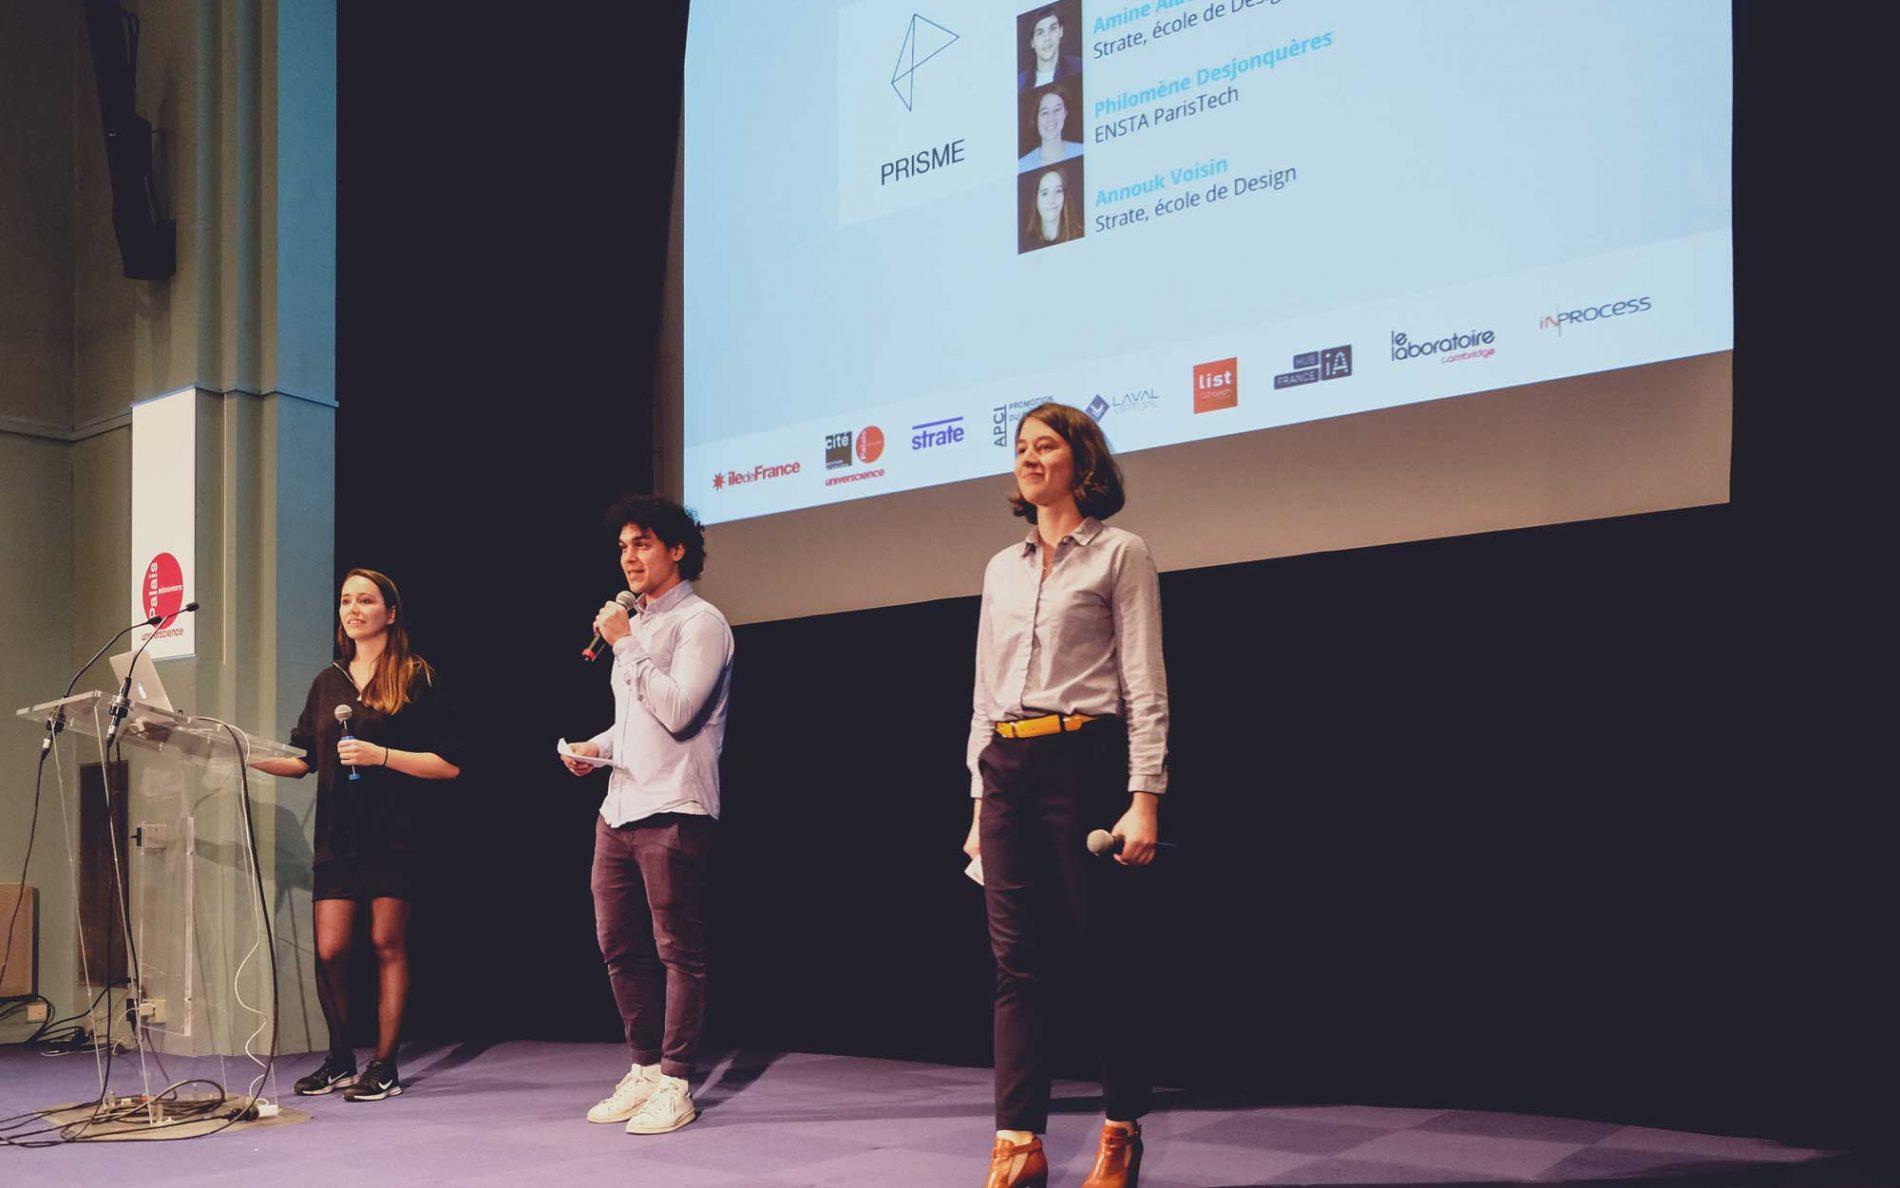 Retour en images sur la finale du Prix Design & Science 2019